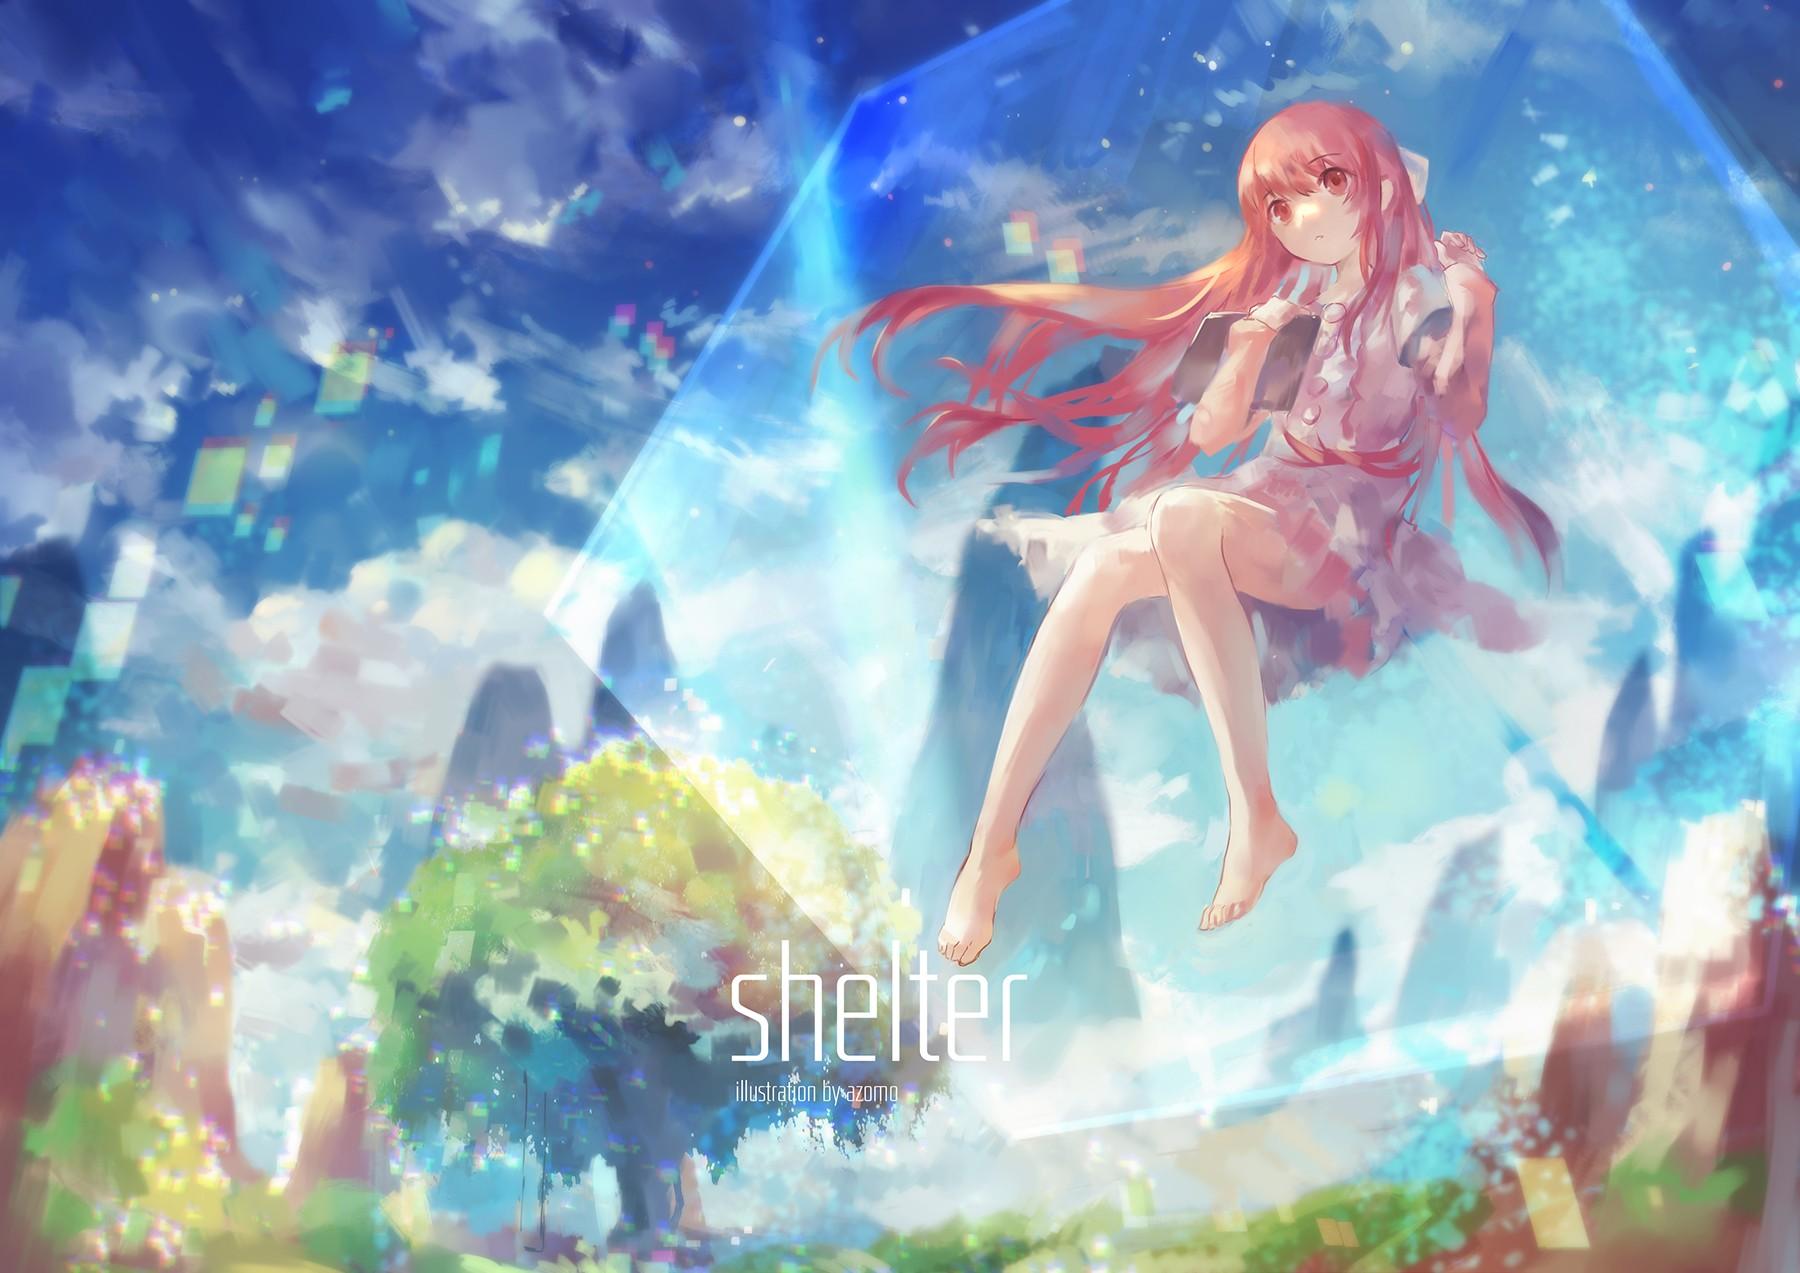 Illustration redhead long hair anime anime girls legs dress feet red eyes shelter rin shelter mythology